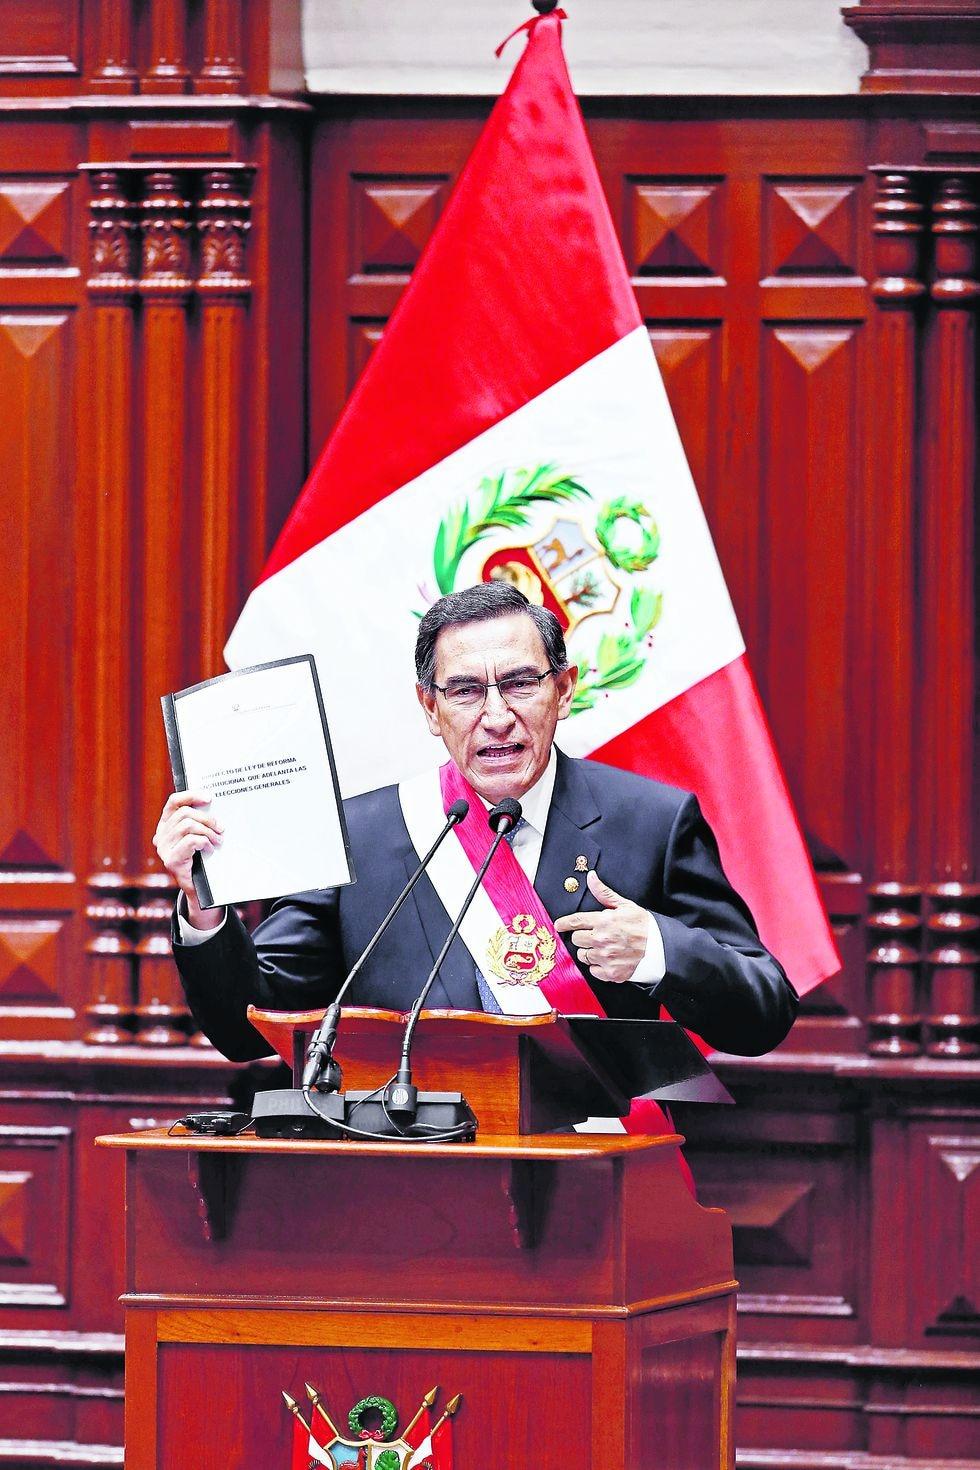 Presidente Martin Vizcarra da mensaje desde el Congreso por Fiestas Patrias 77934